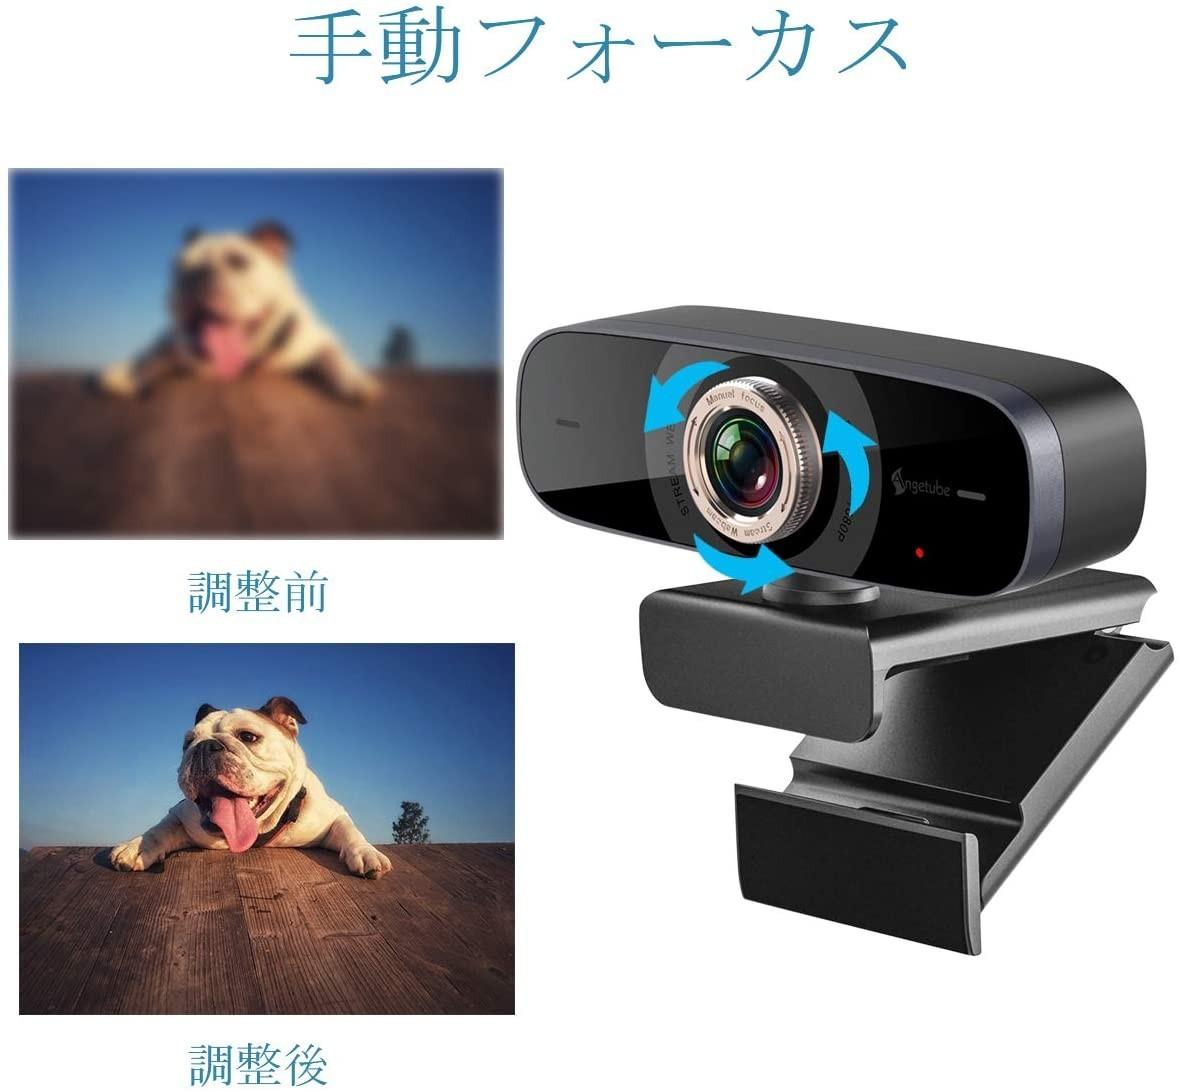 Webカメラ 広角 フルHD1080p 高画質 ウェブカメラ200万画素美顔機能